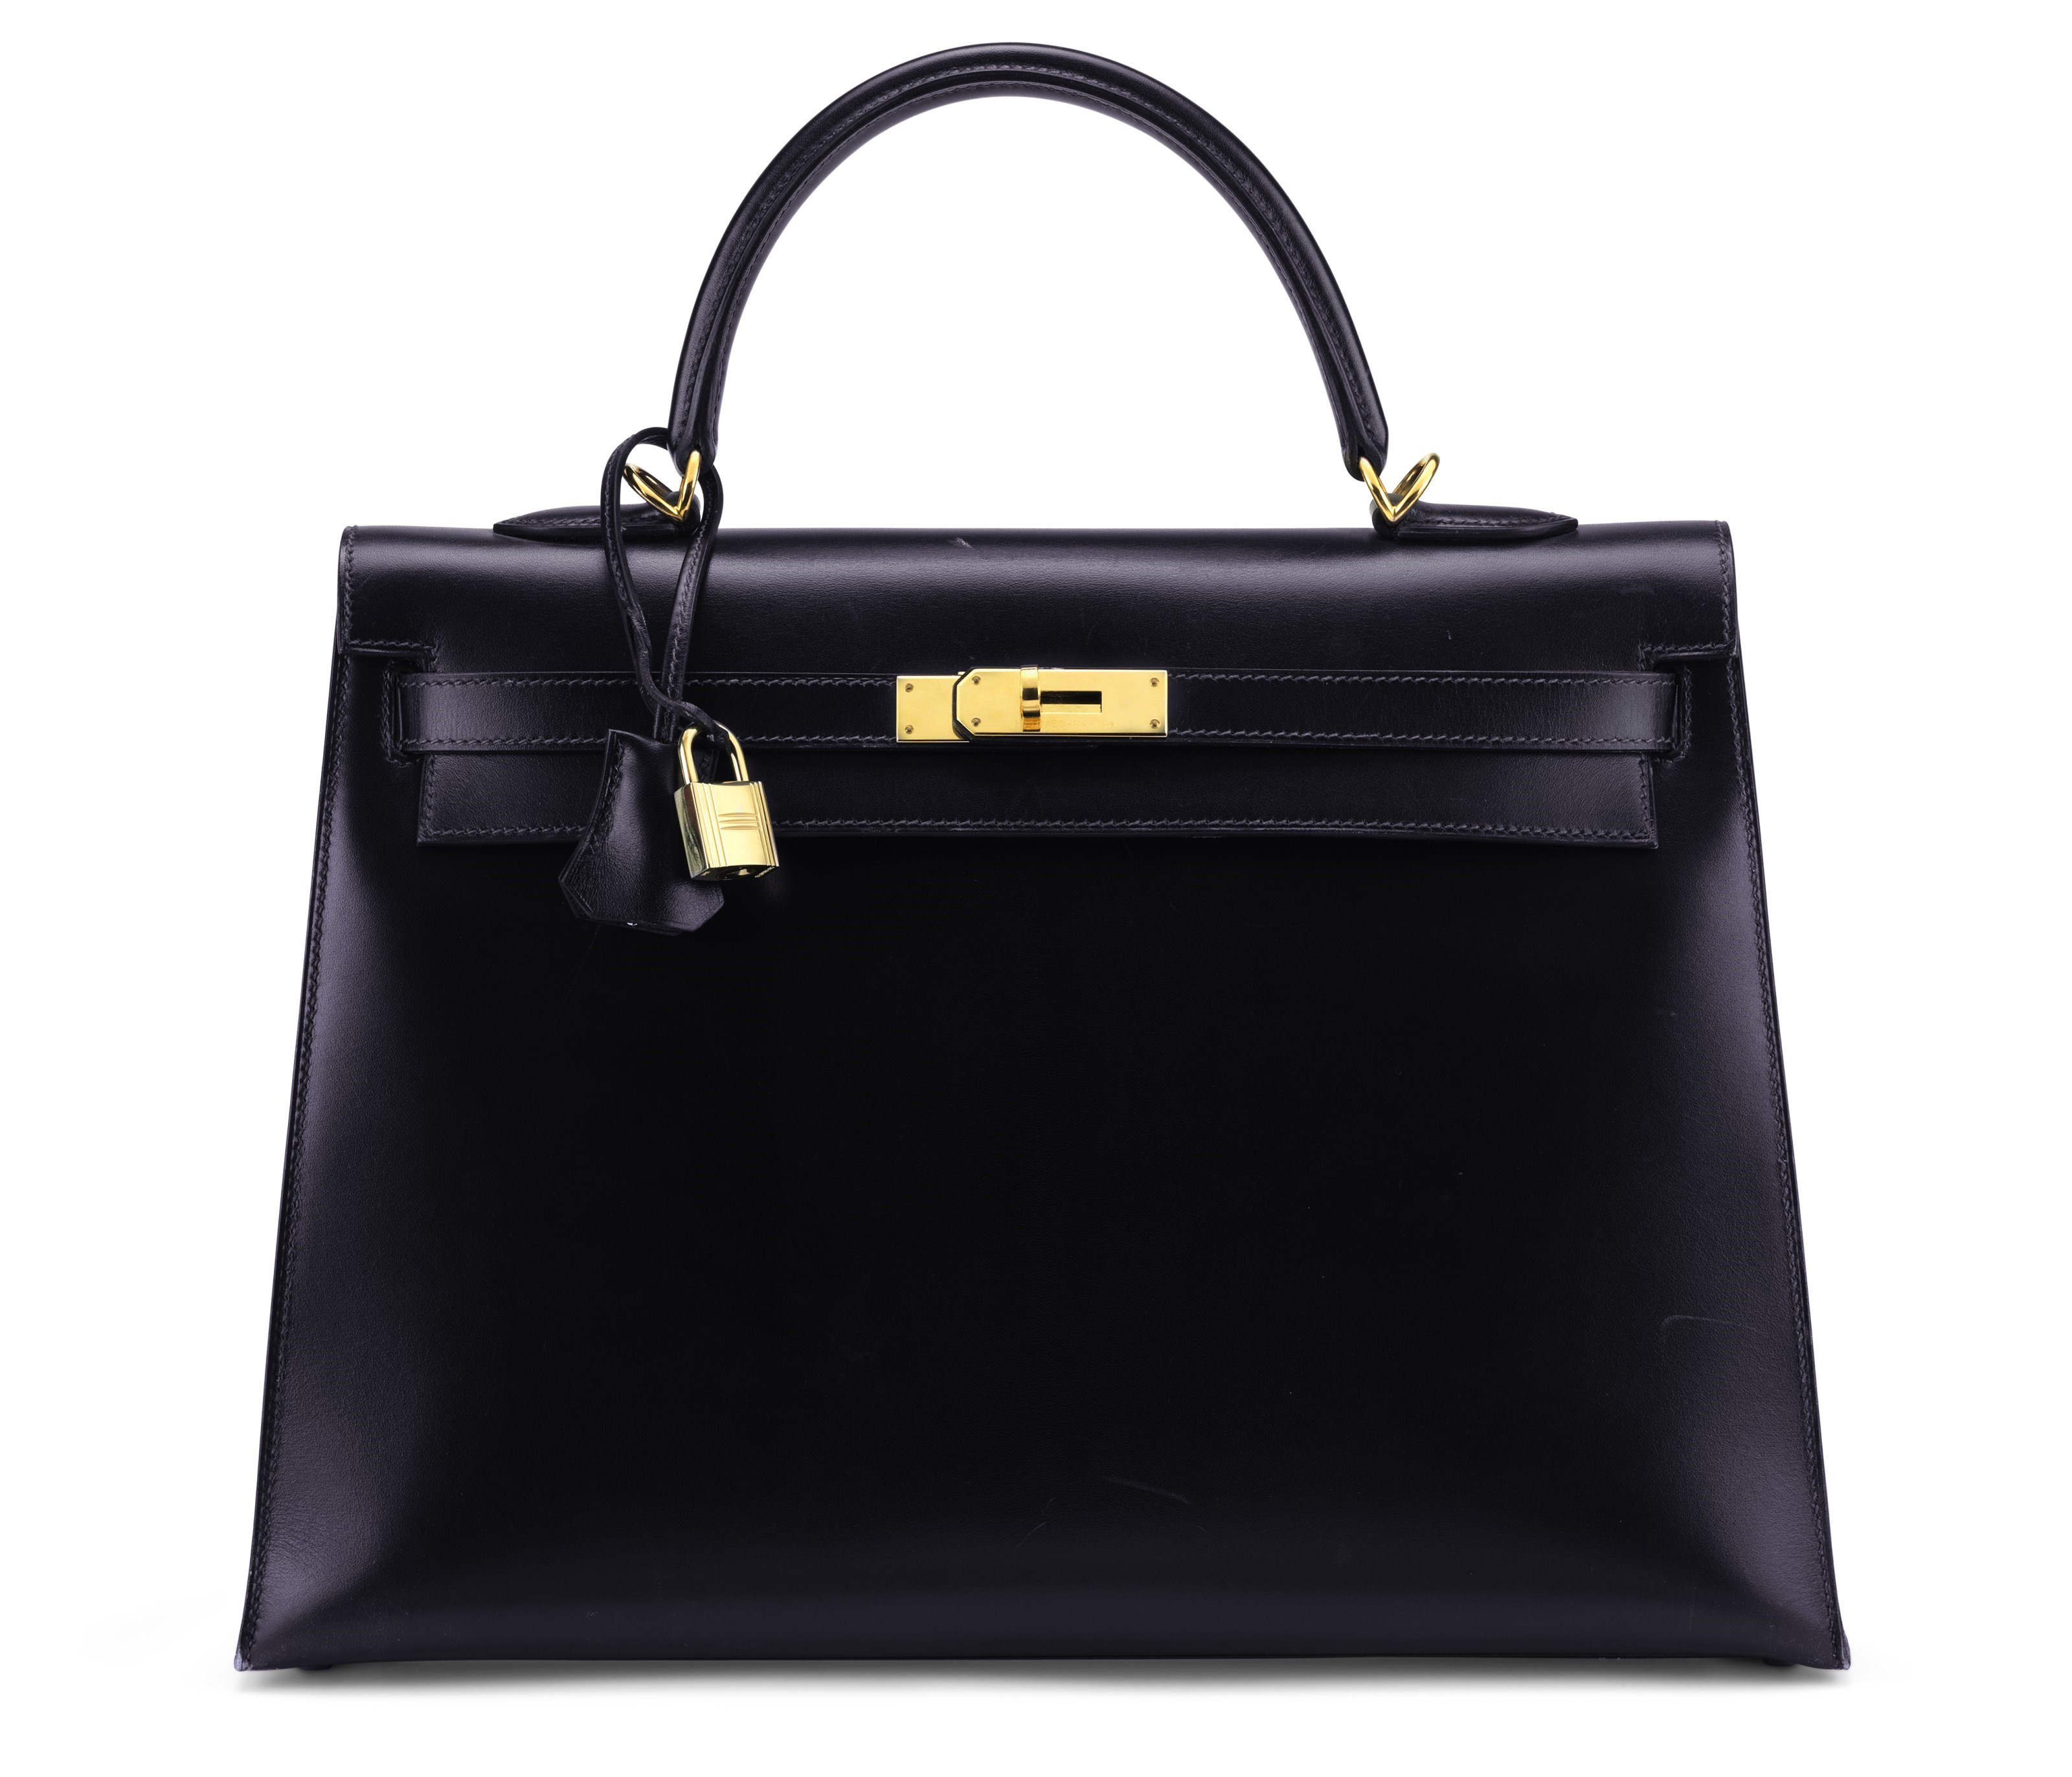 靛蓝色CALF BOX小牛皮35公分SELLIER凯莉包附黄金配件,爱马仕,2005年。宽35 x高25 x 深 13公分。估价:5,000-7,000美元。此拍品于2018年5月29日至6月19日在手袋及配饰网上拍卖中呈献。                这个优雅的凯莉包采用细腻的靛蓝色调,袋内空间充足,是上班造型或时尚晚装的完美搭配。       .captiondesc { font-family LyonRegular, Arial, Helvetica, sans-serif!important; font-size 20px!important; line-height 30px!important; color #000000!important; weight normal!important; padding-top